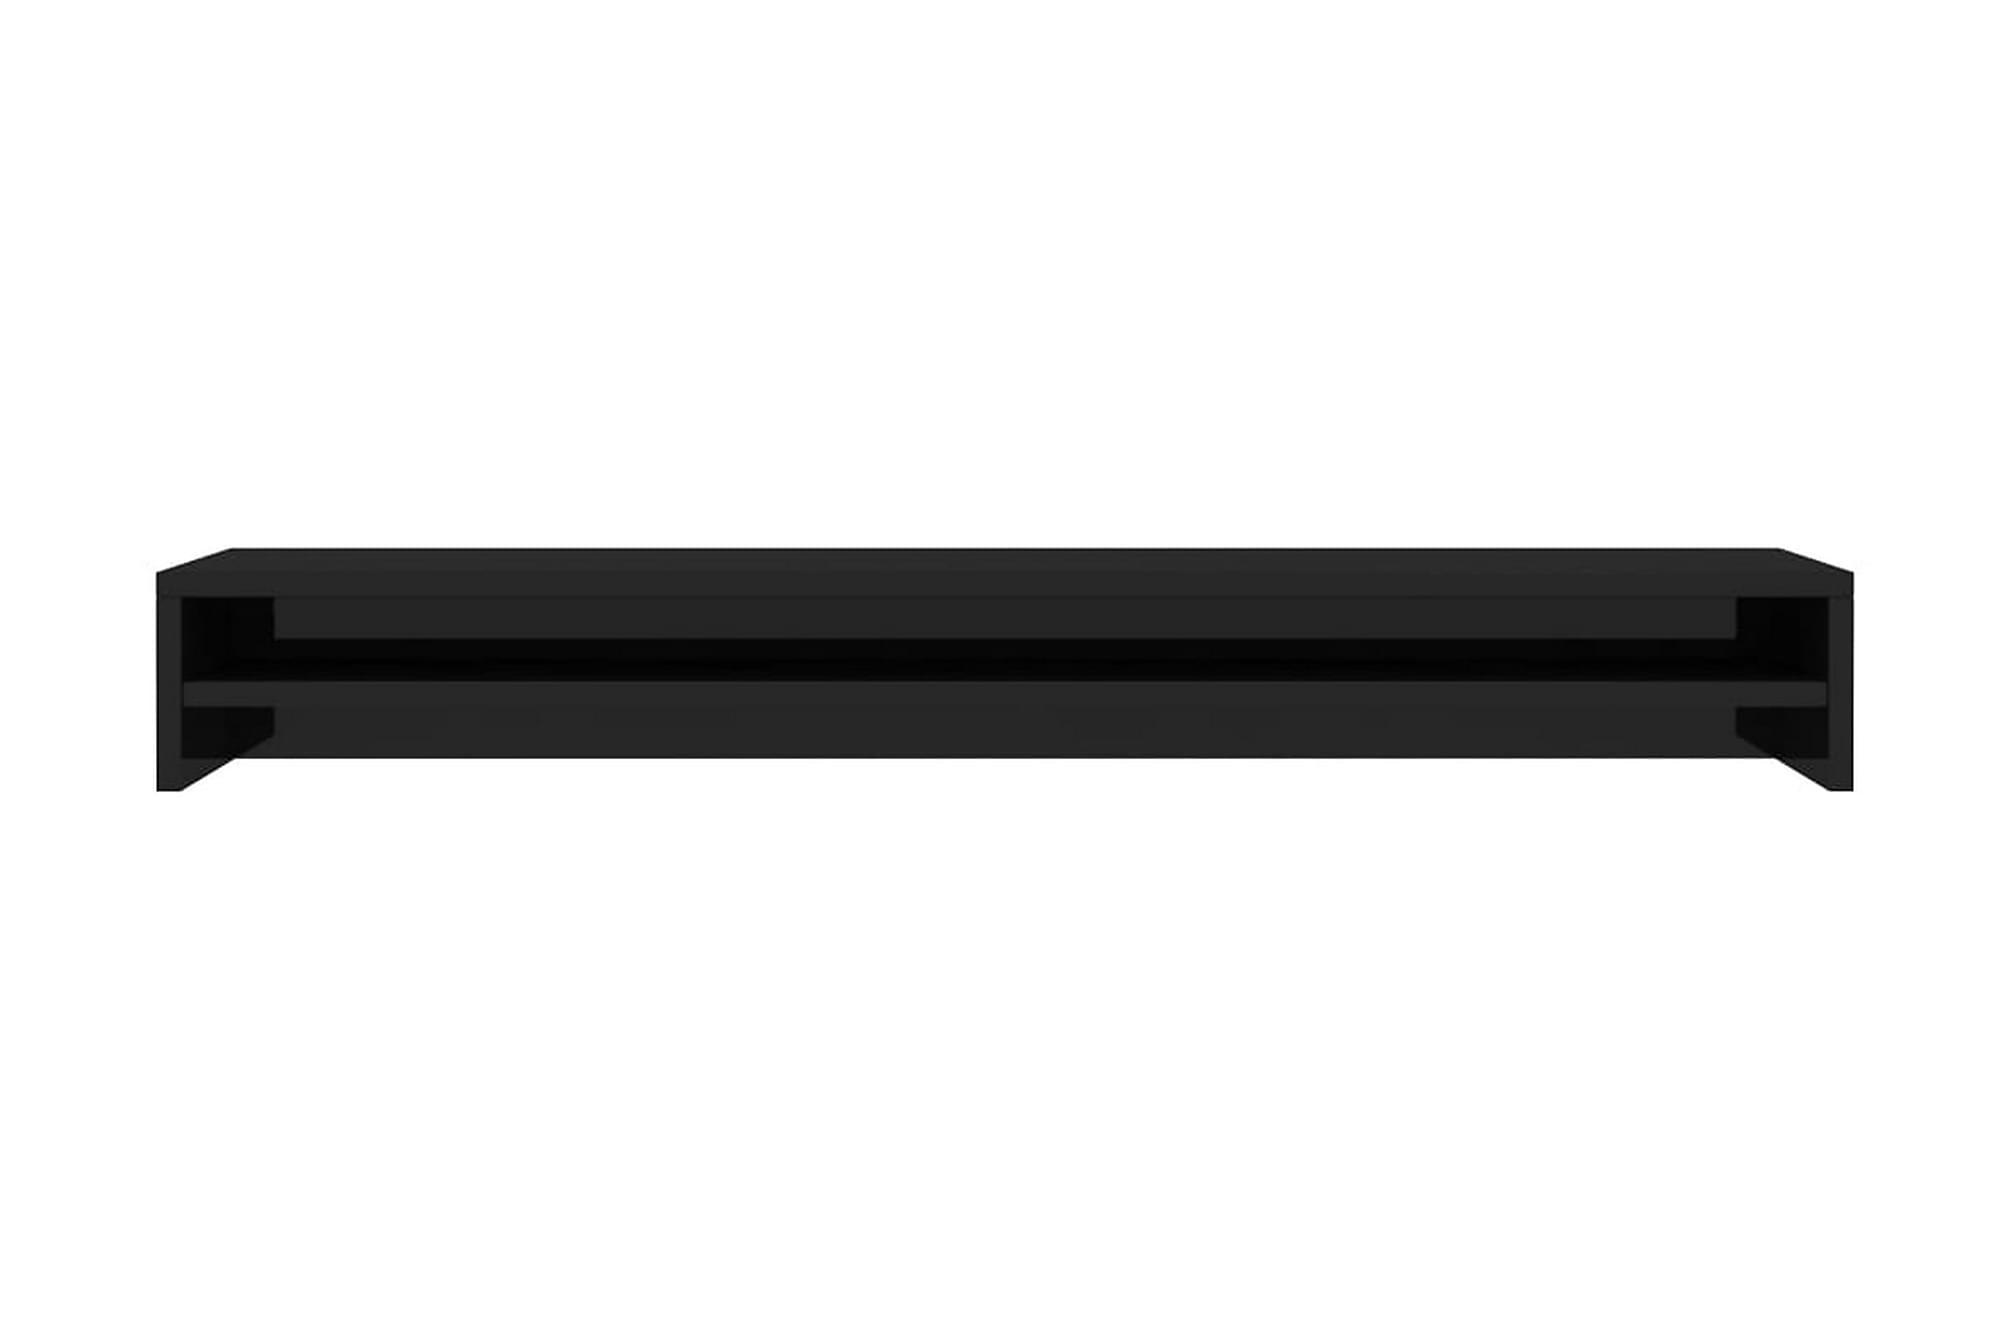 Skärmställ svart högglans 100x24x13 cm spånskiva, Tv-väggfästen